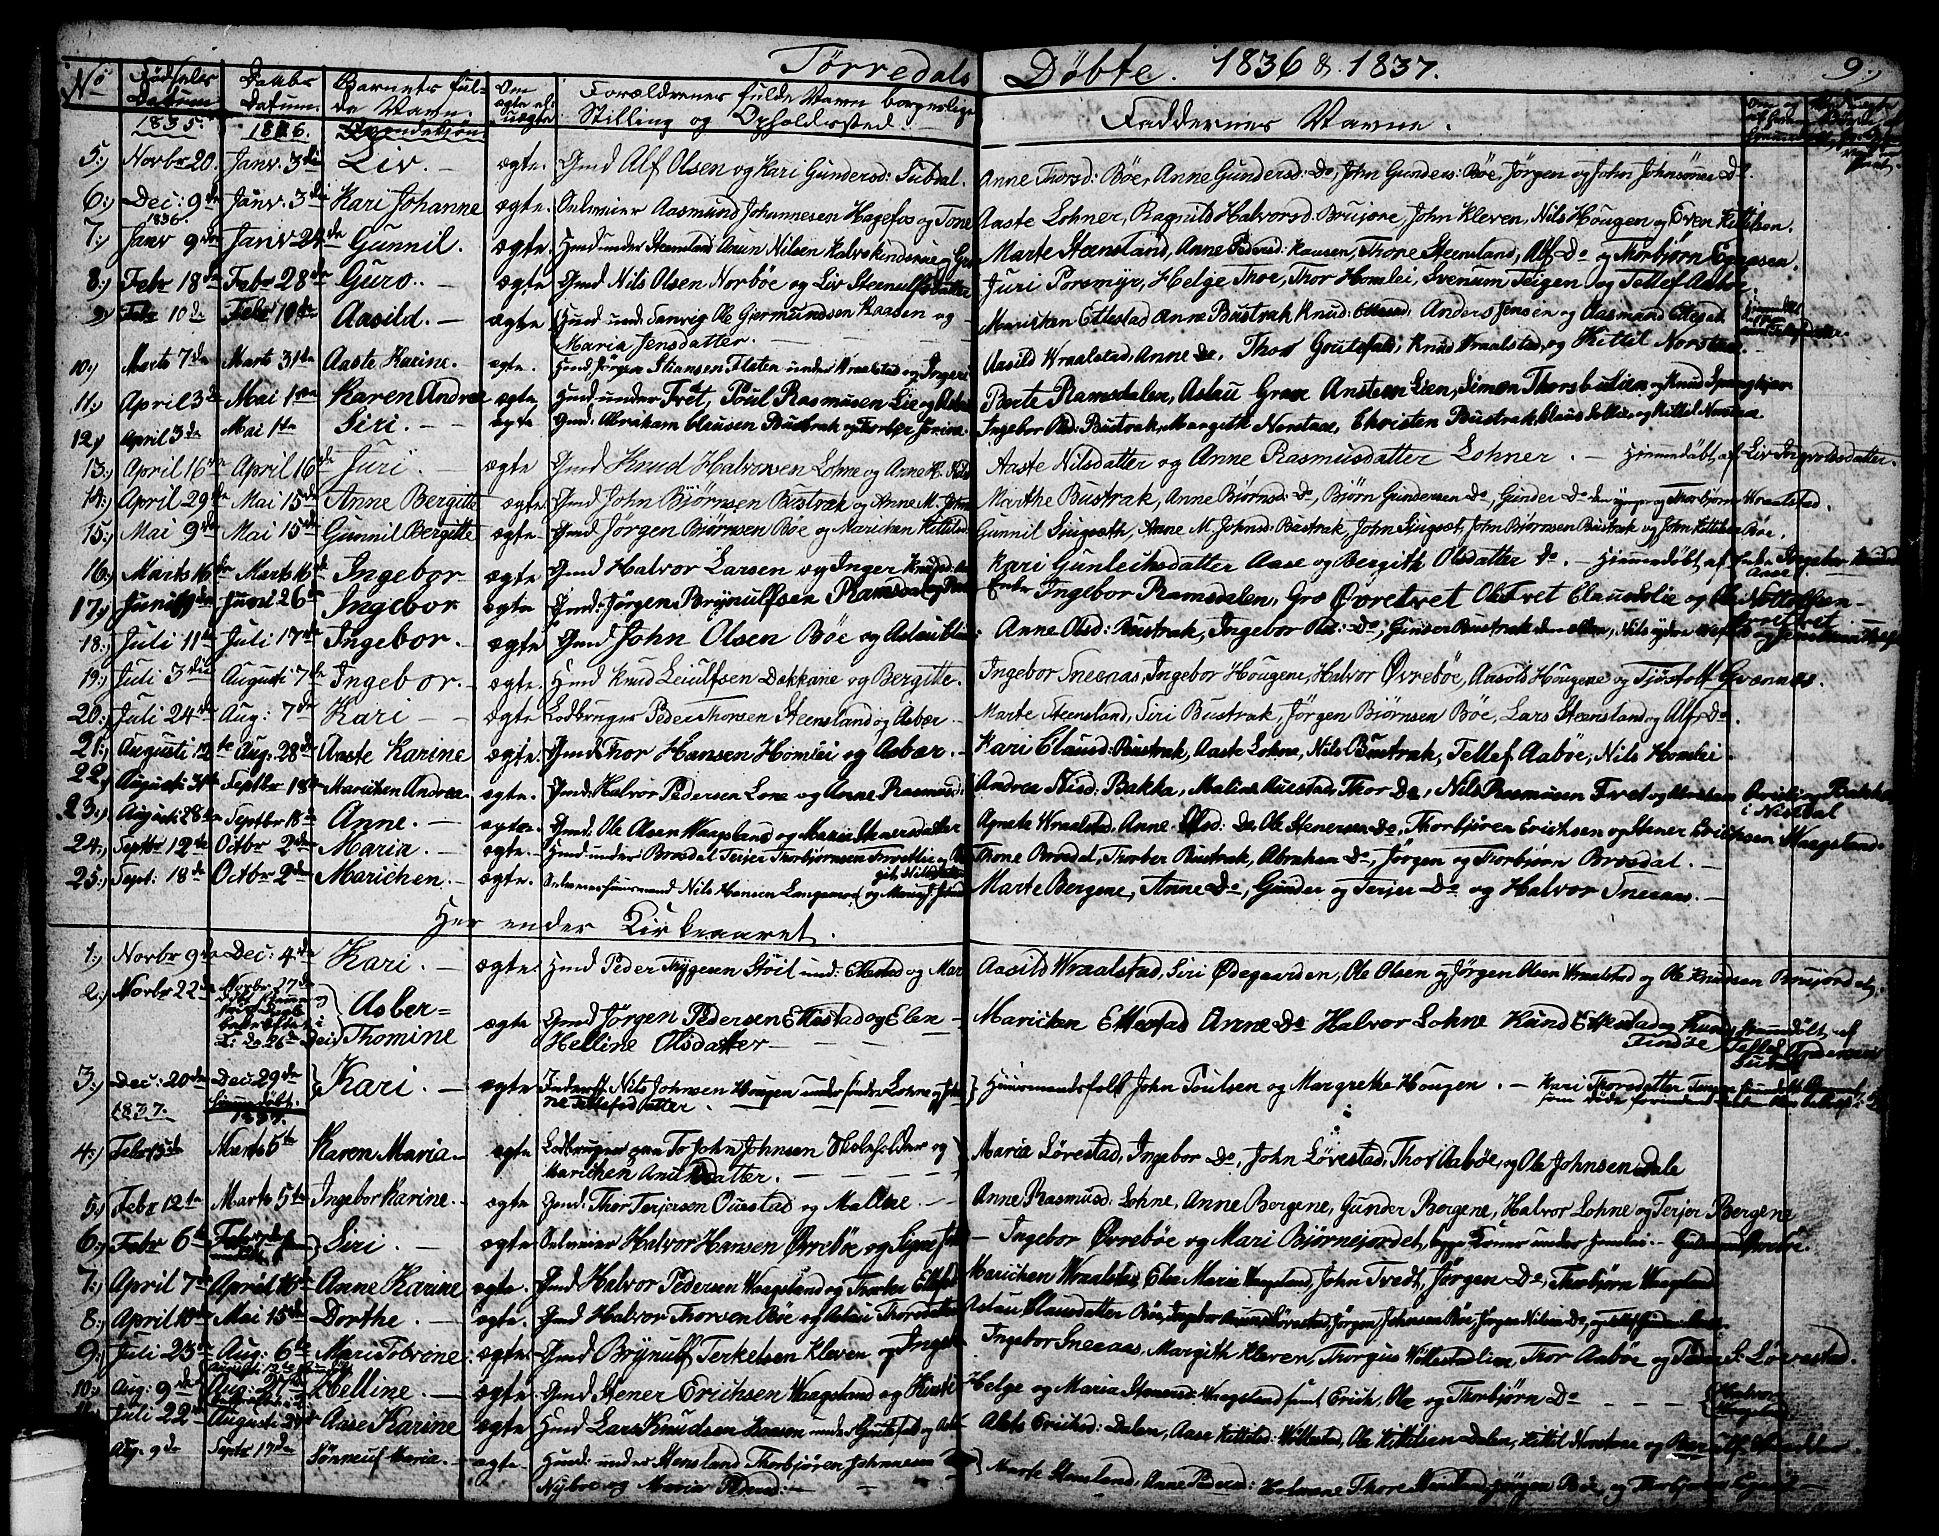 SAKO, Drangedal kirkebøker, G/Ga/L0001: Klokkerbok nr. I 1 /2, 1814-1856, s. 9